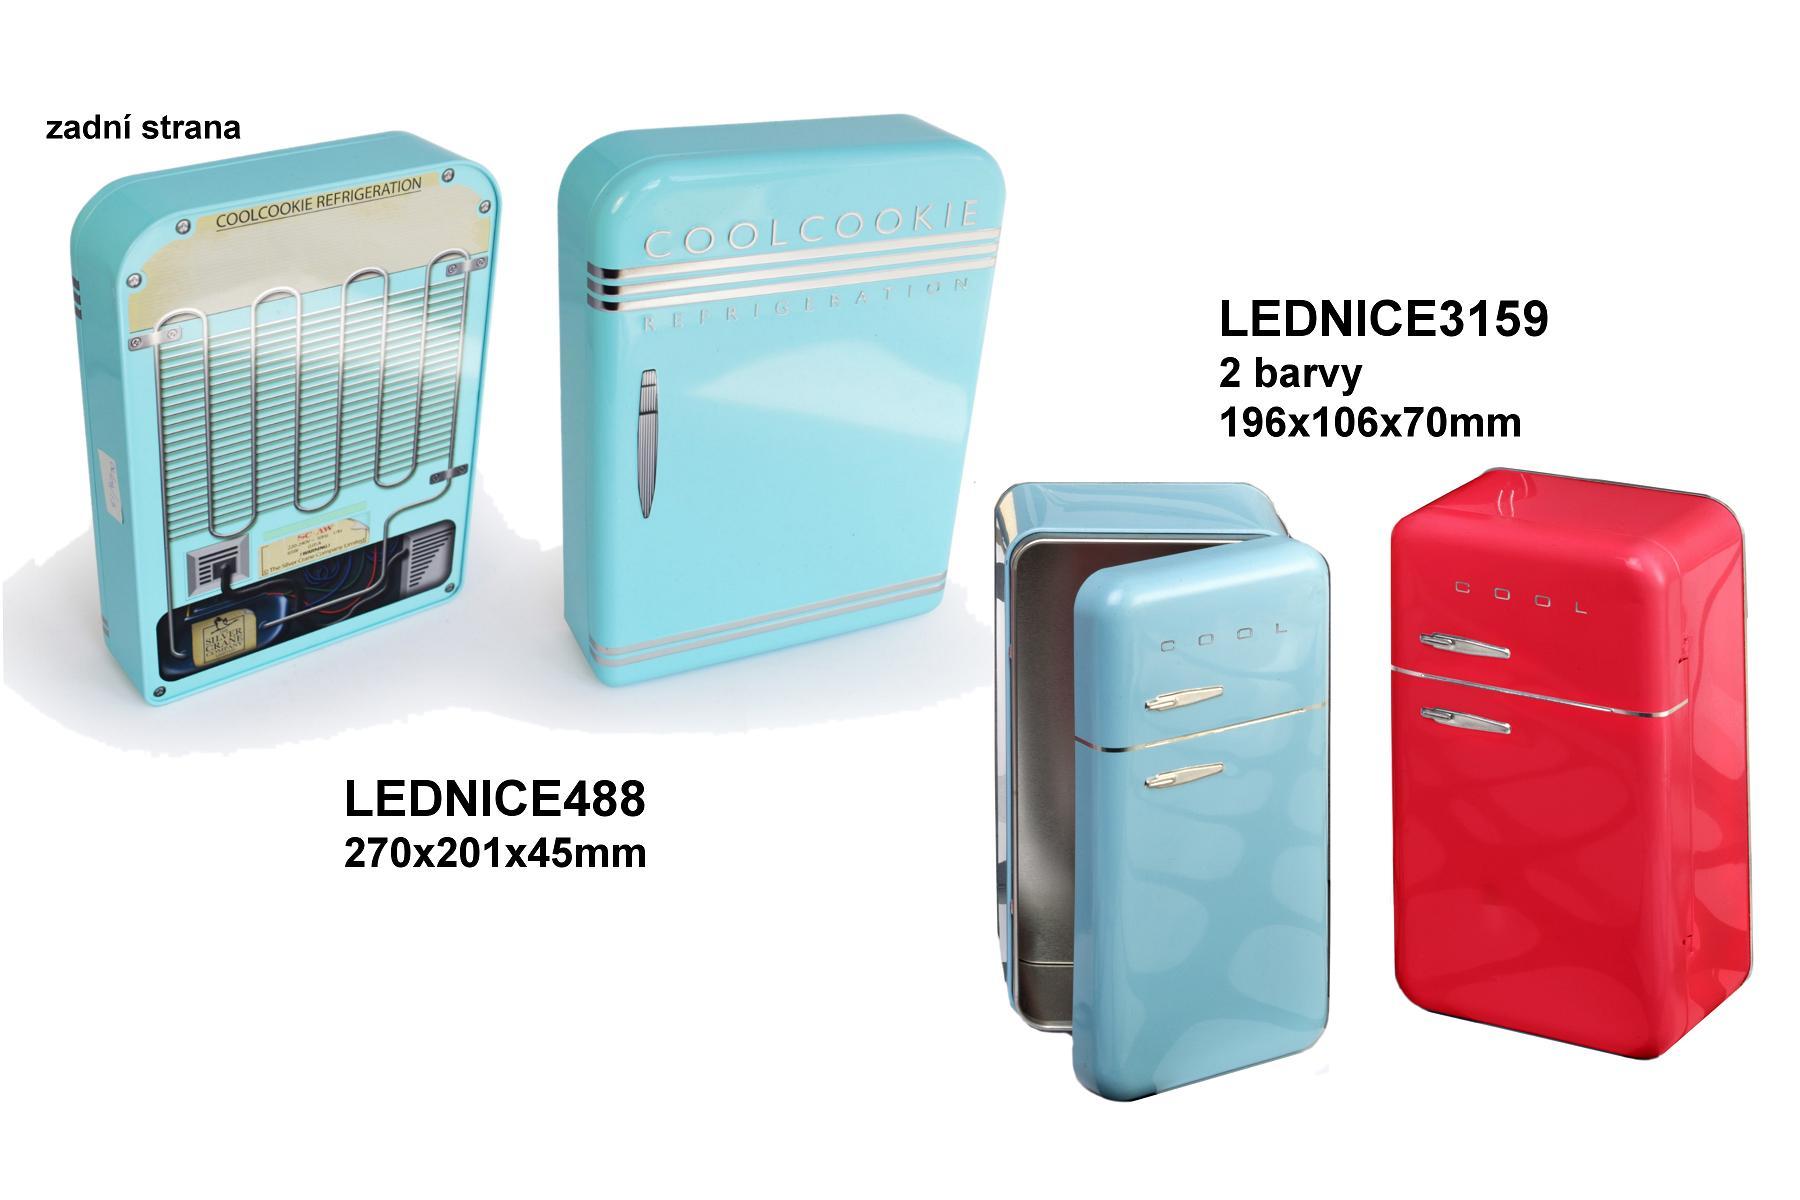 Doza - lednice větší na obr. modrá vlevo